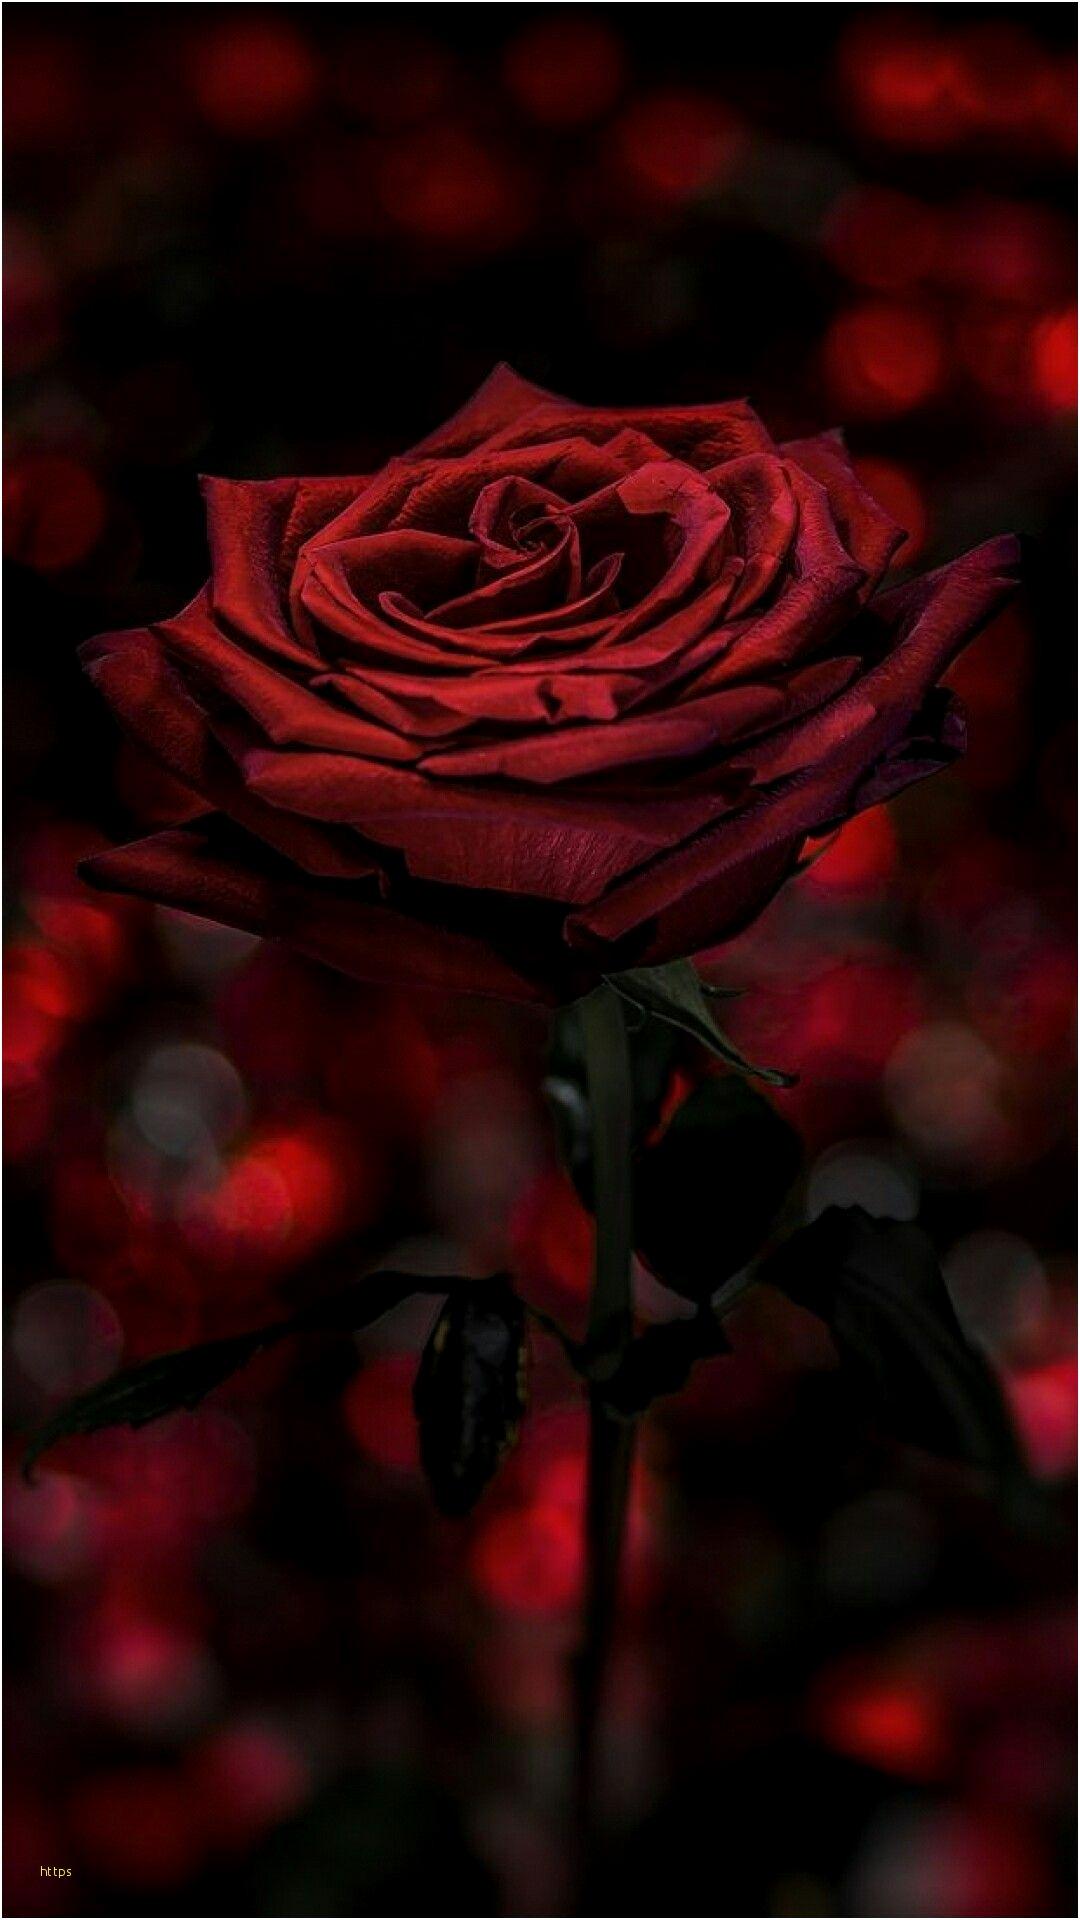 Black Roses Wallpaper Awesome Pin By Anita Torrez On Dark